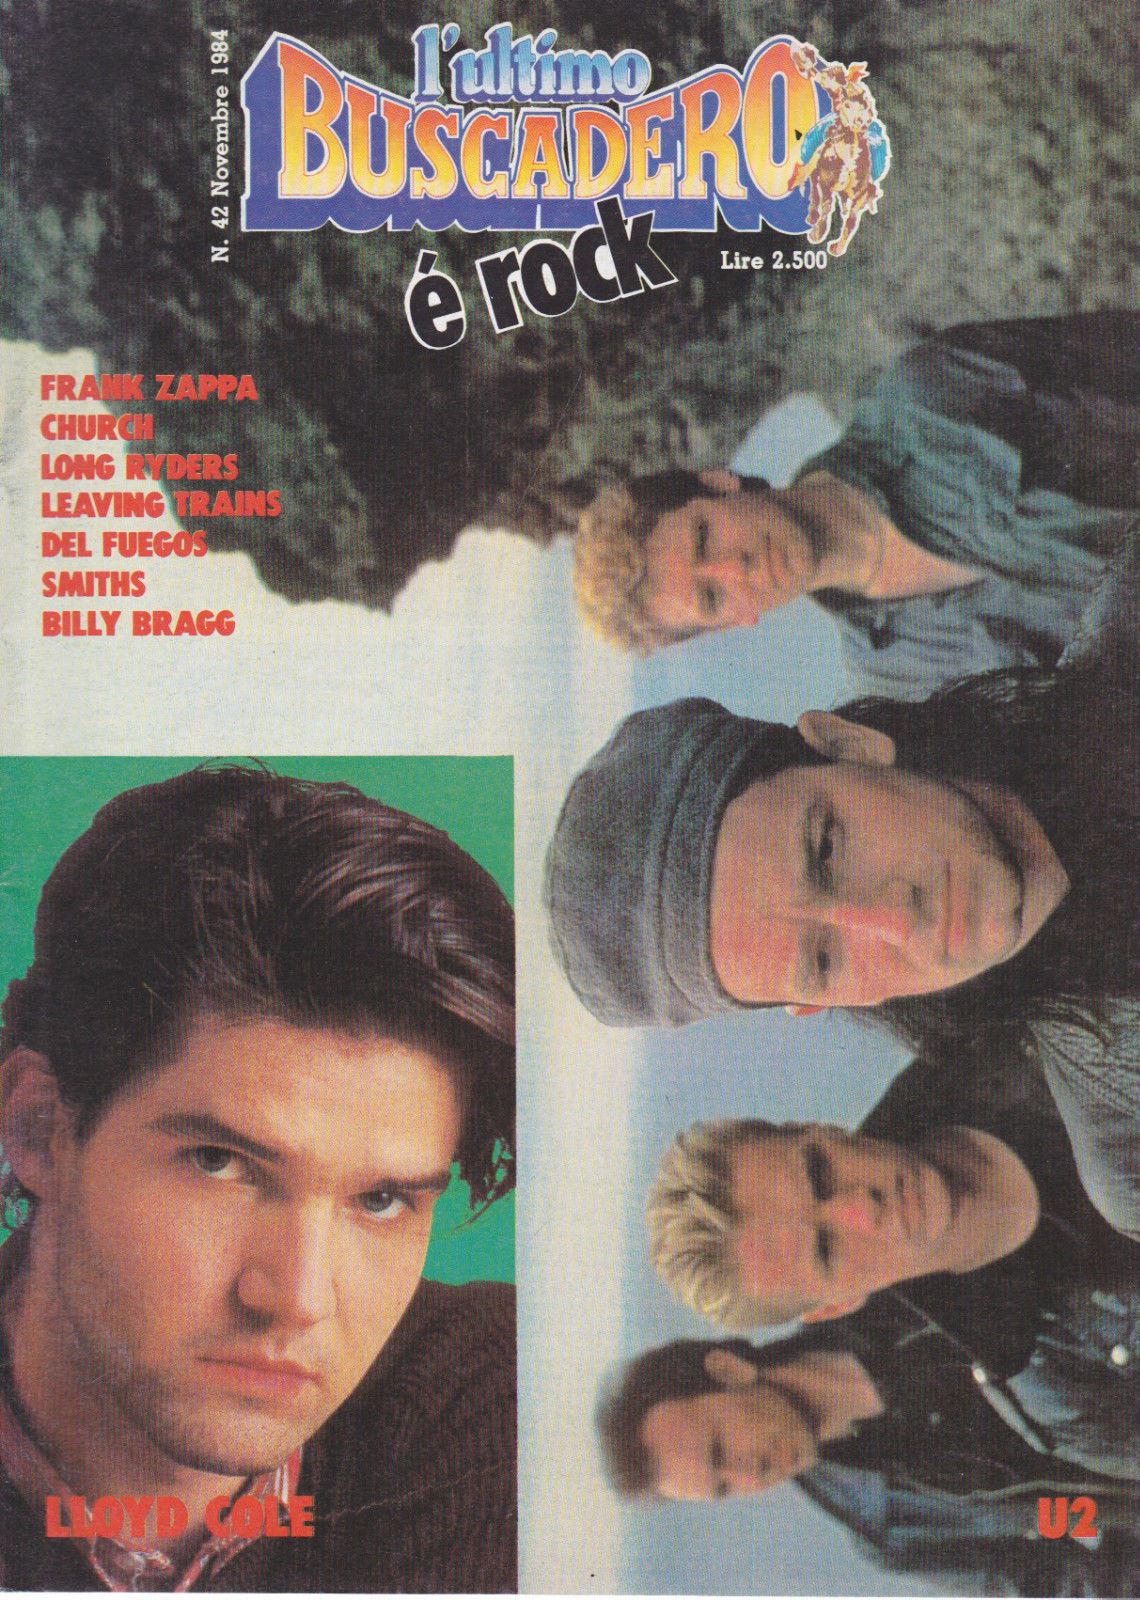 L'ultimo buscadero n. 42 (novembre 1984)